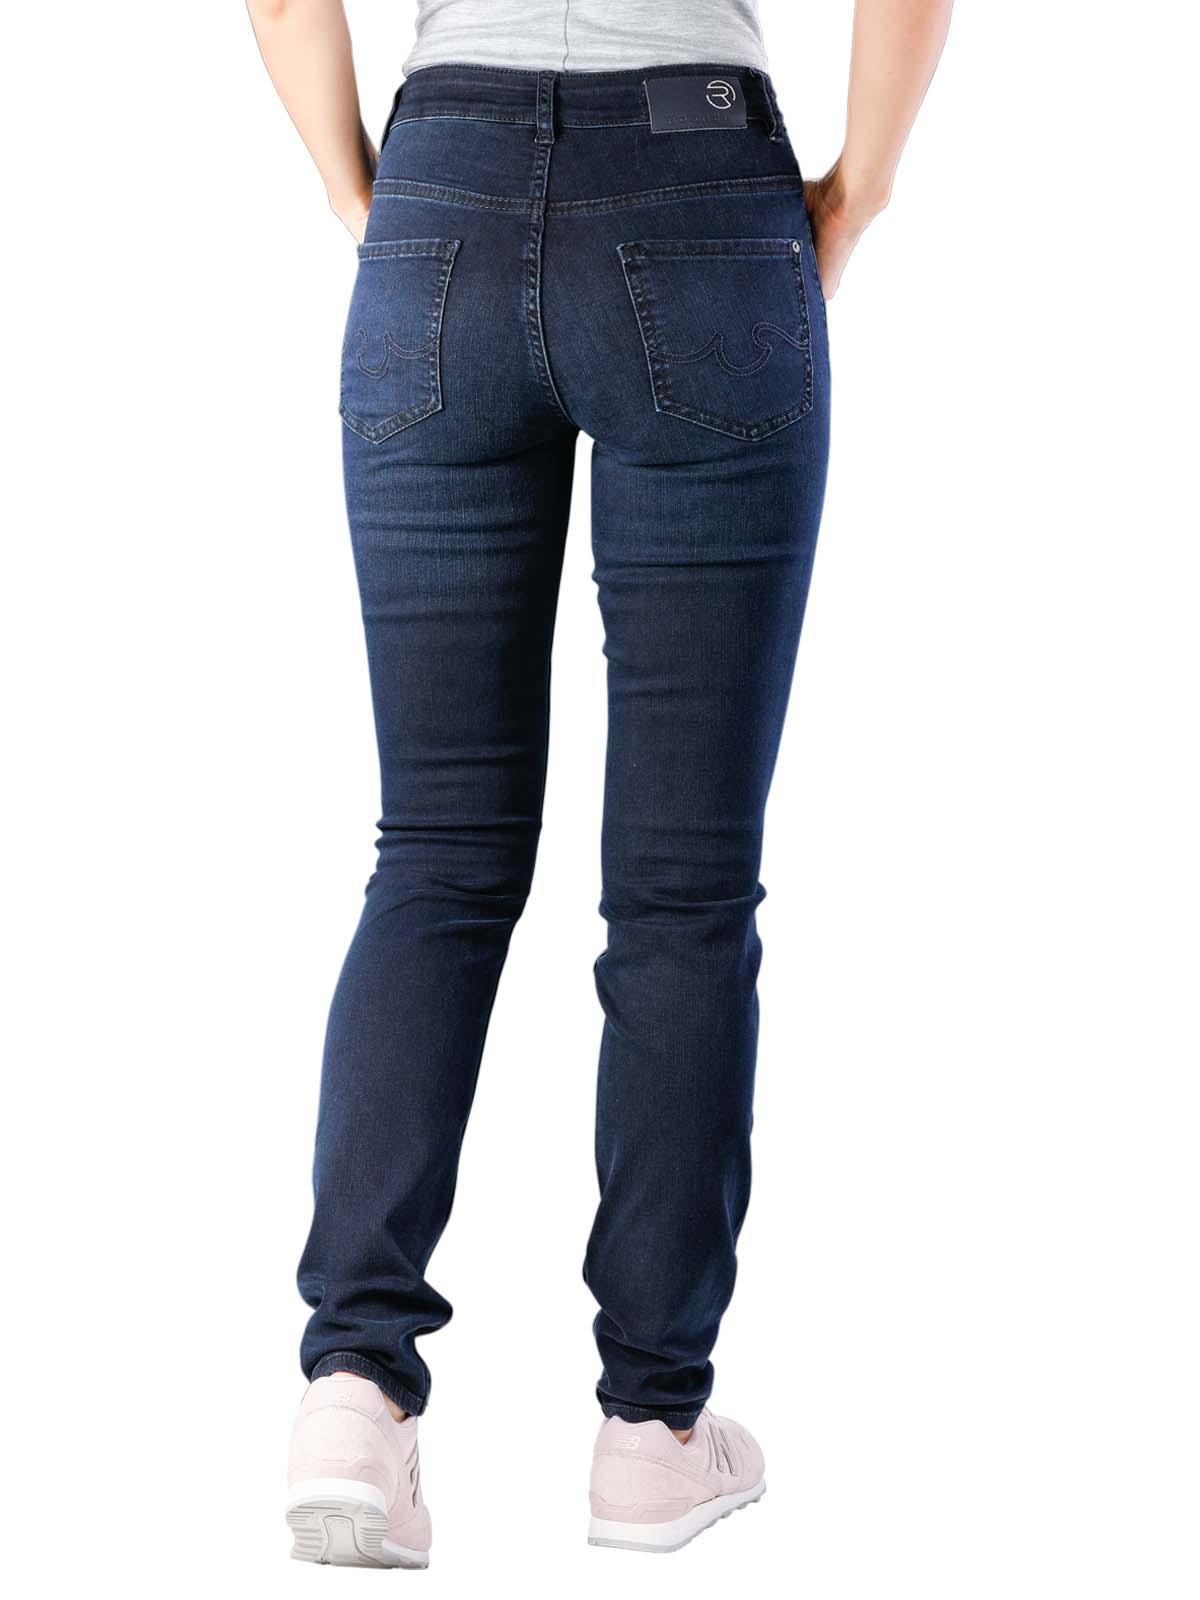 eine große Auswahl an Modellen Volumen groß begrenzter Stil Rosner Audrey 2 Jeans blauschwarz Rosner Women's Jeans ...